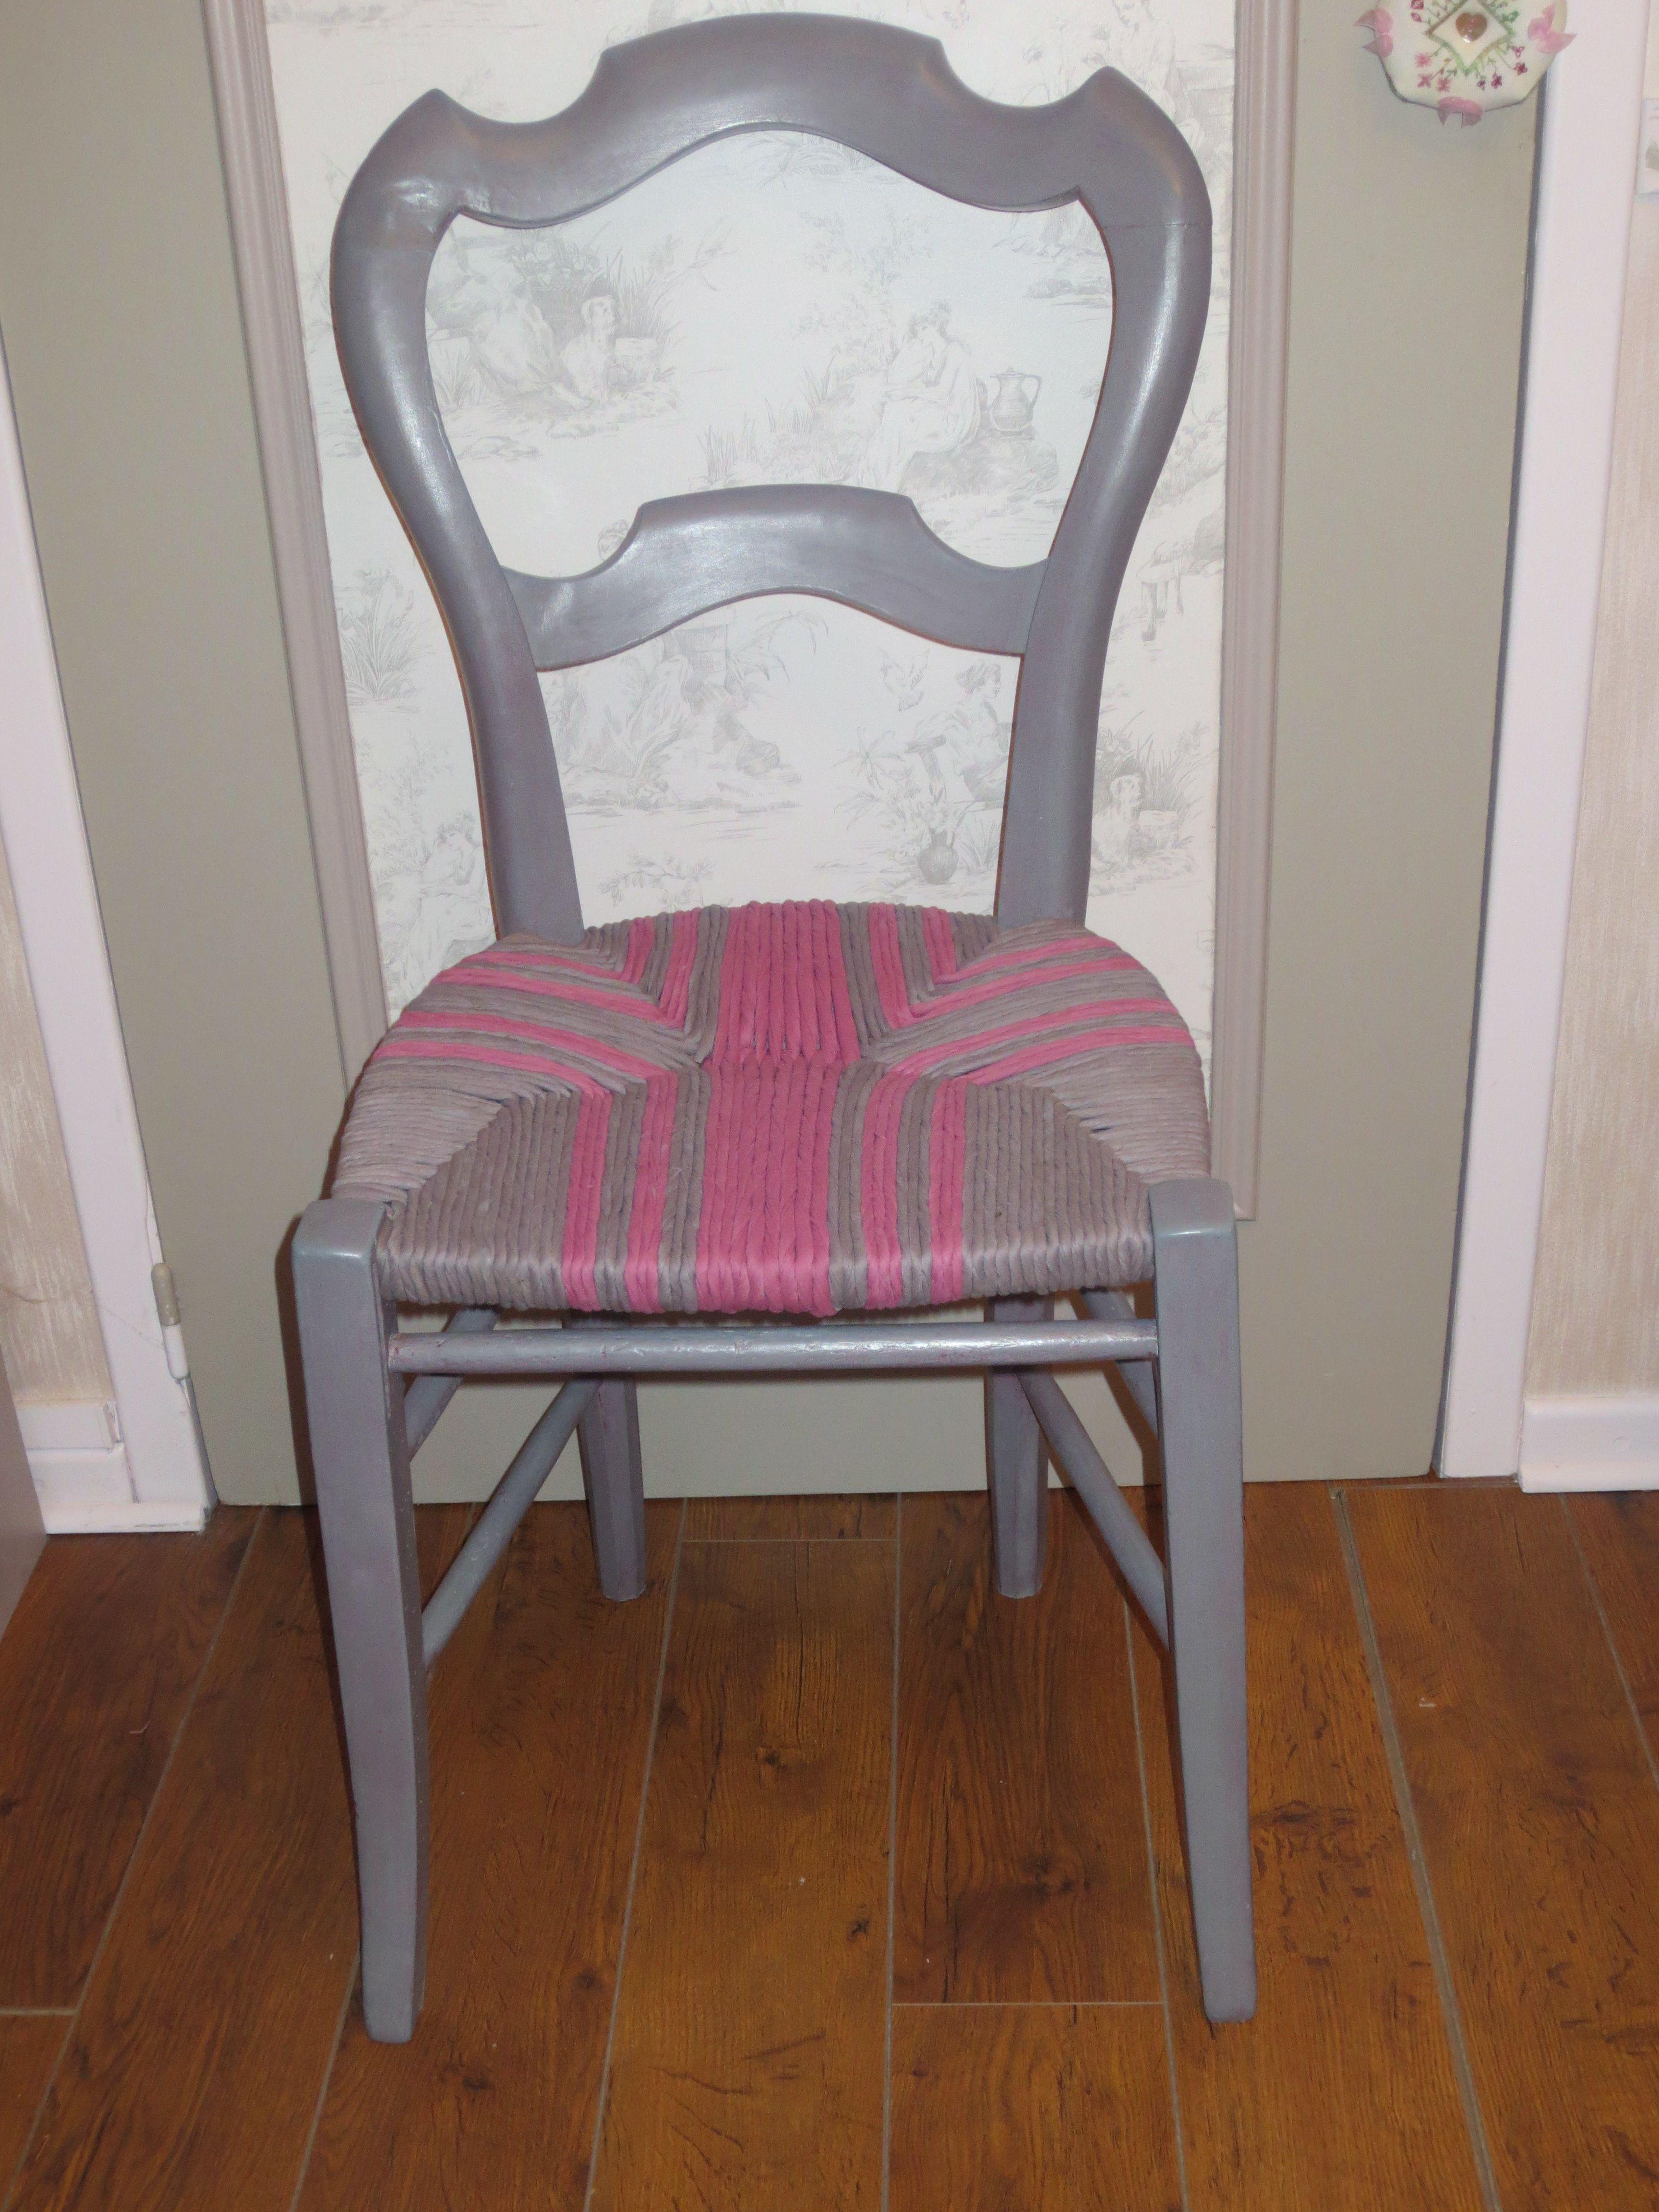 chaise dont l 39 assise est constitu e d 39 un cordage fait partir de chutes de tissu mes. Black Bedroom Furniture Sets. Home Design Ideas